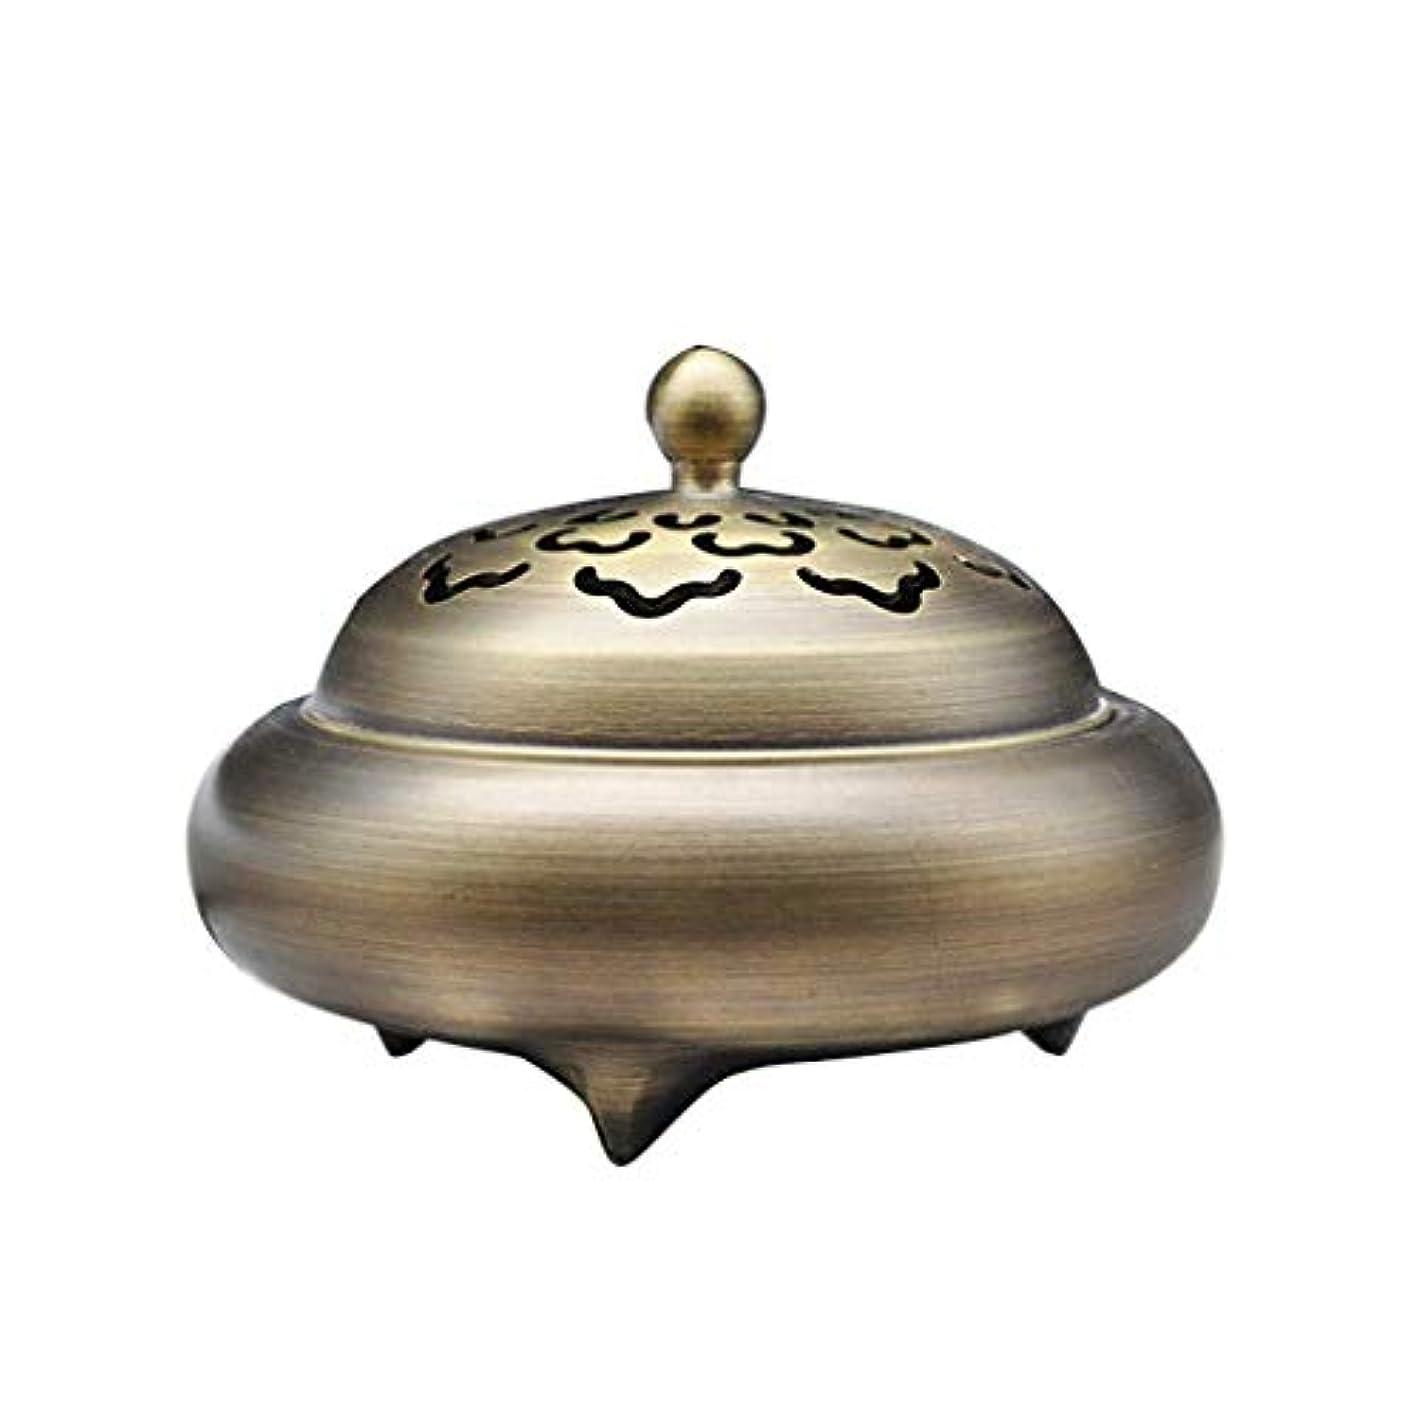 苦しめる段落はさみ芳香器?アロマバーナー レトロバーナー純銅香バーナーホーム屋内白檀炉香バーナー香道路装飾 アロマバーナー芳香器 (Color : Brass)